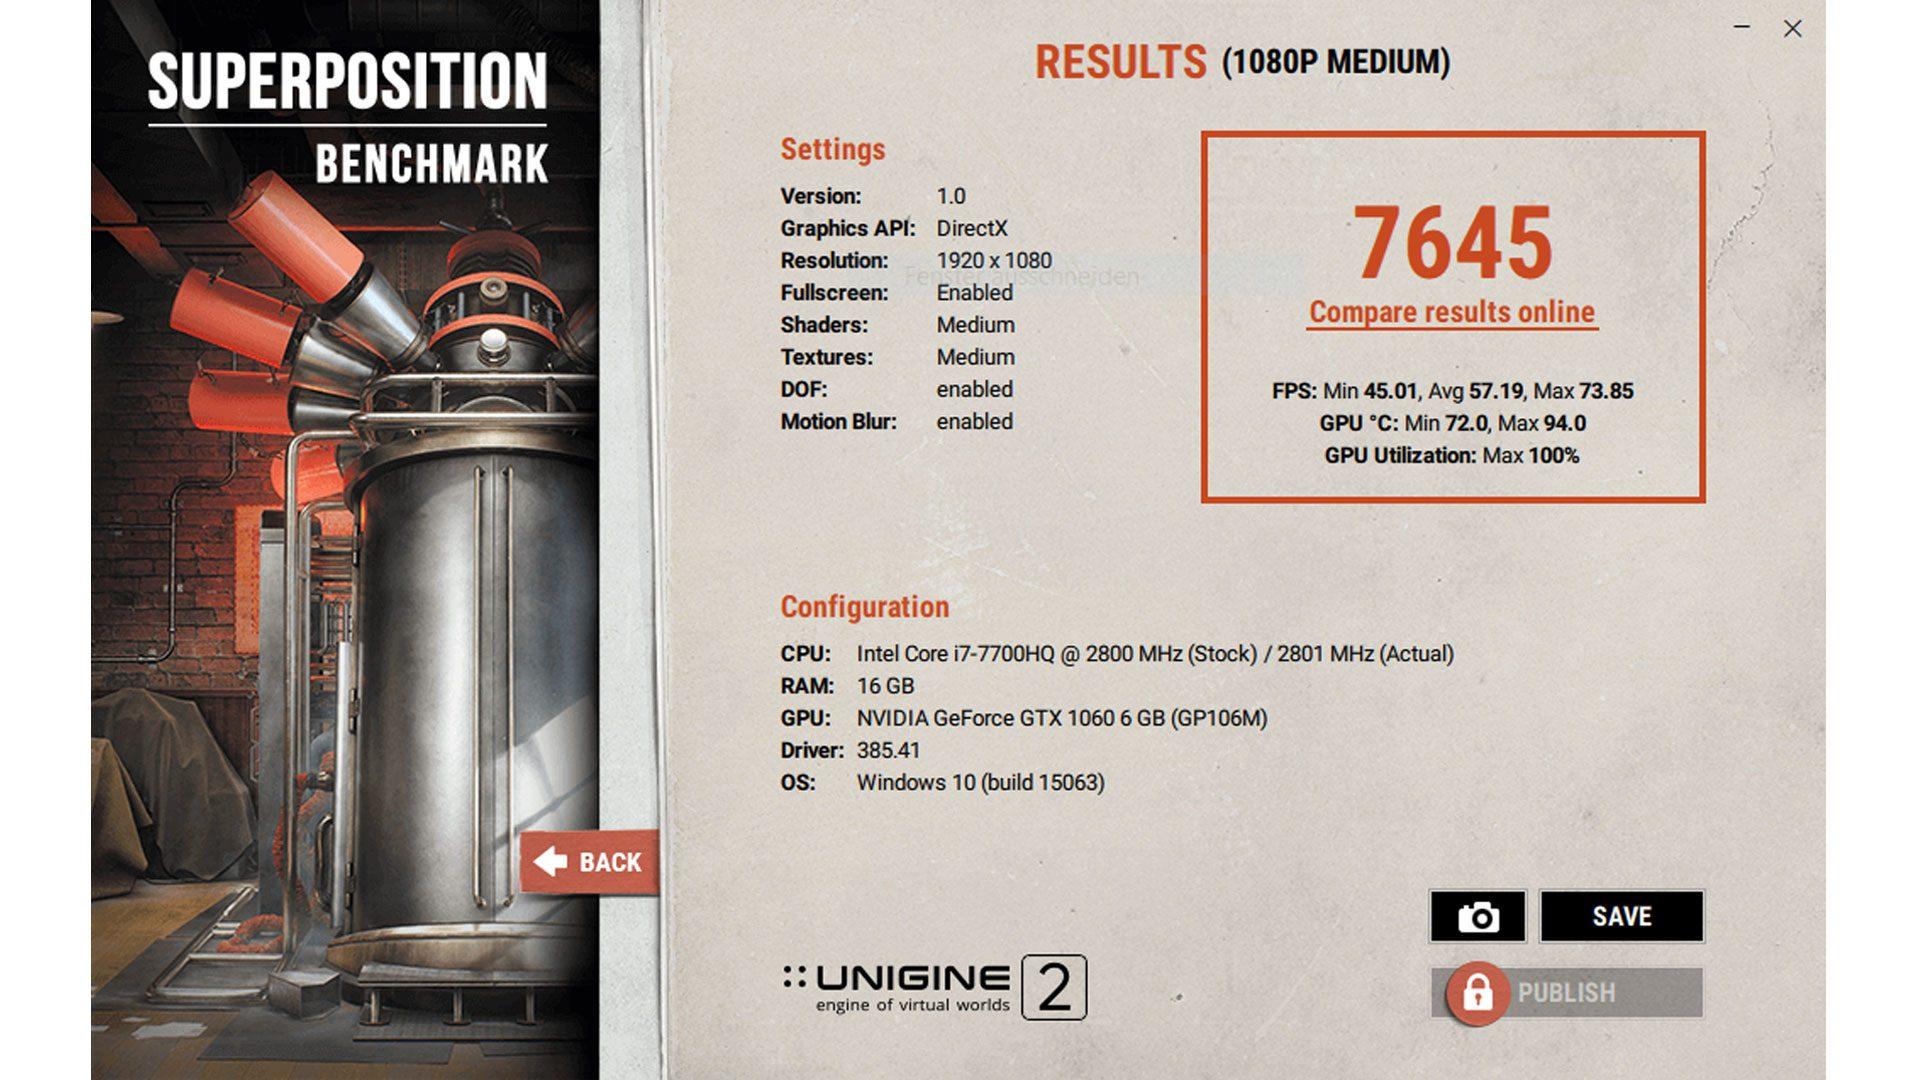 Schenker-XMG-A517-dxf_Grafik-10